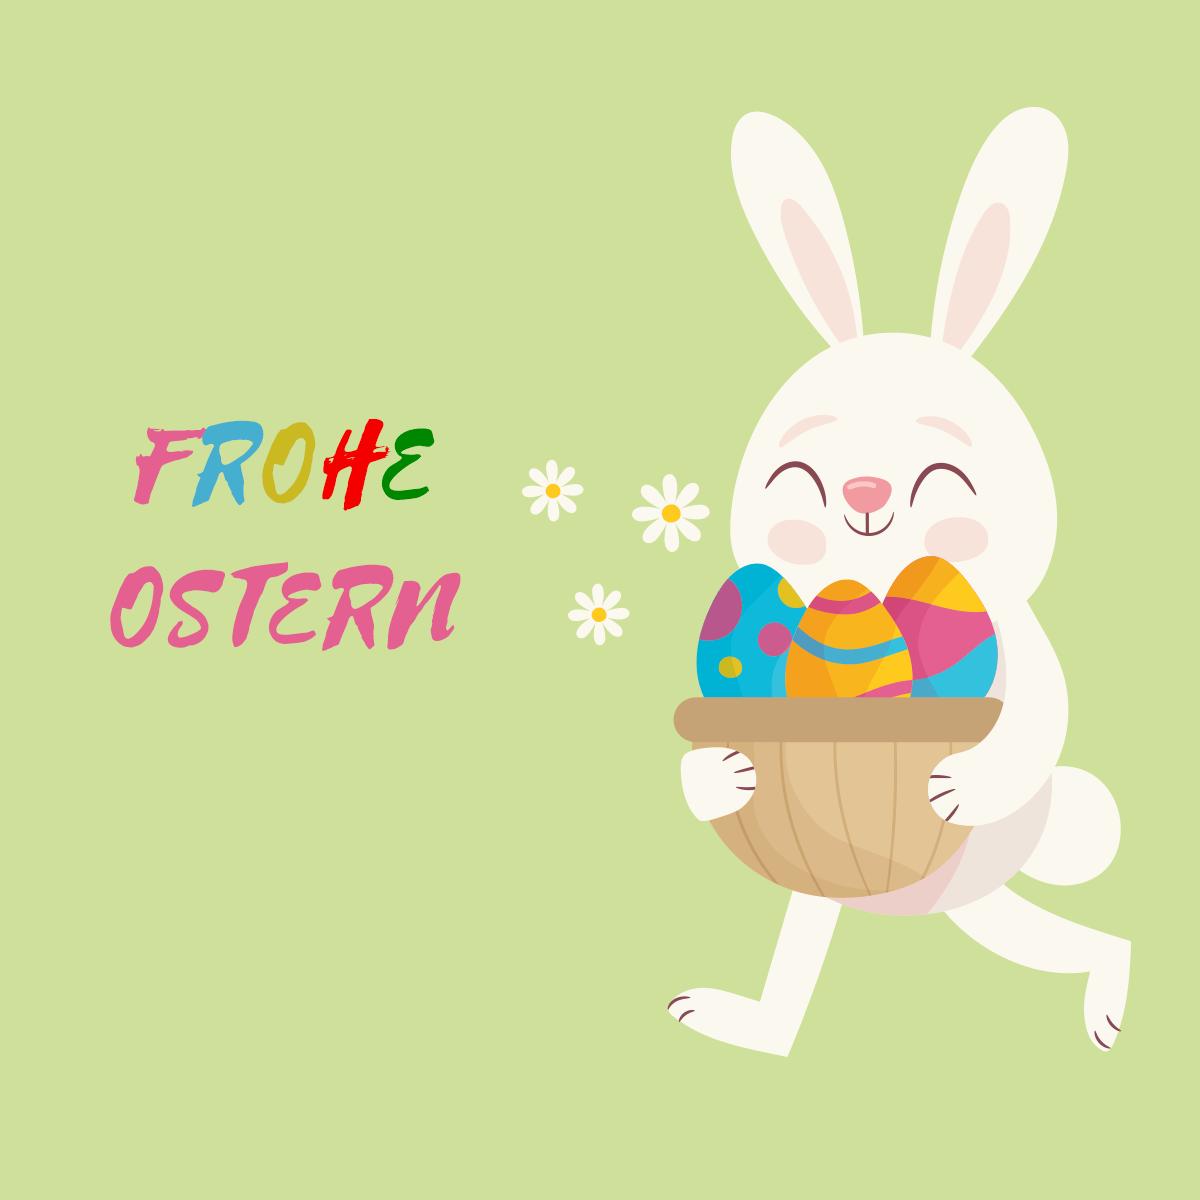 ostern-wunsche-15